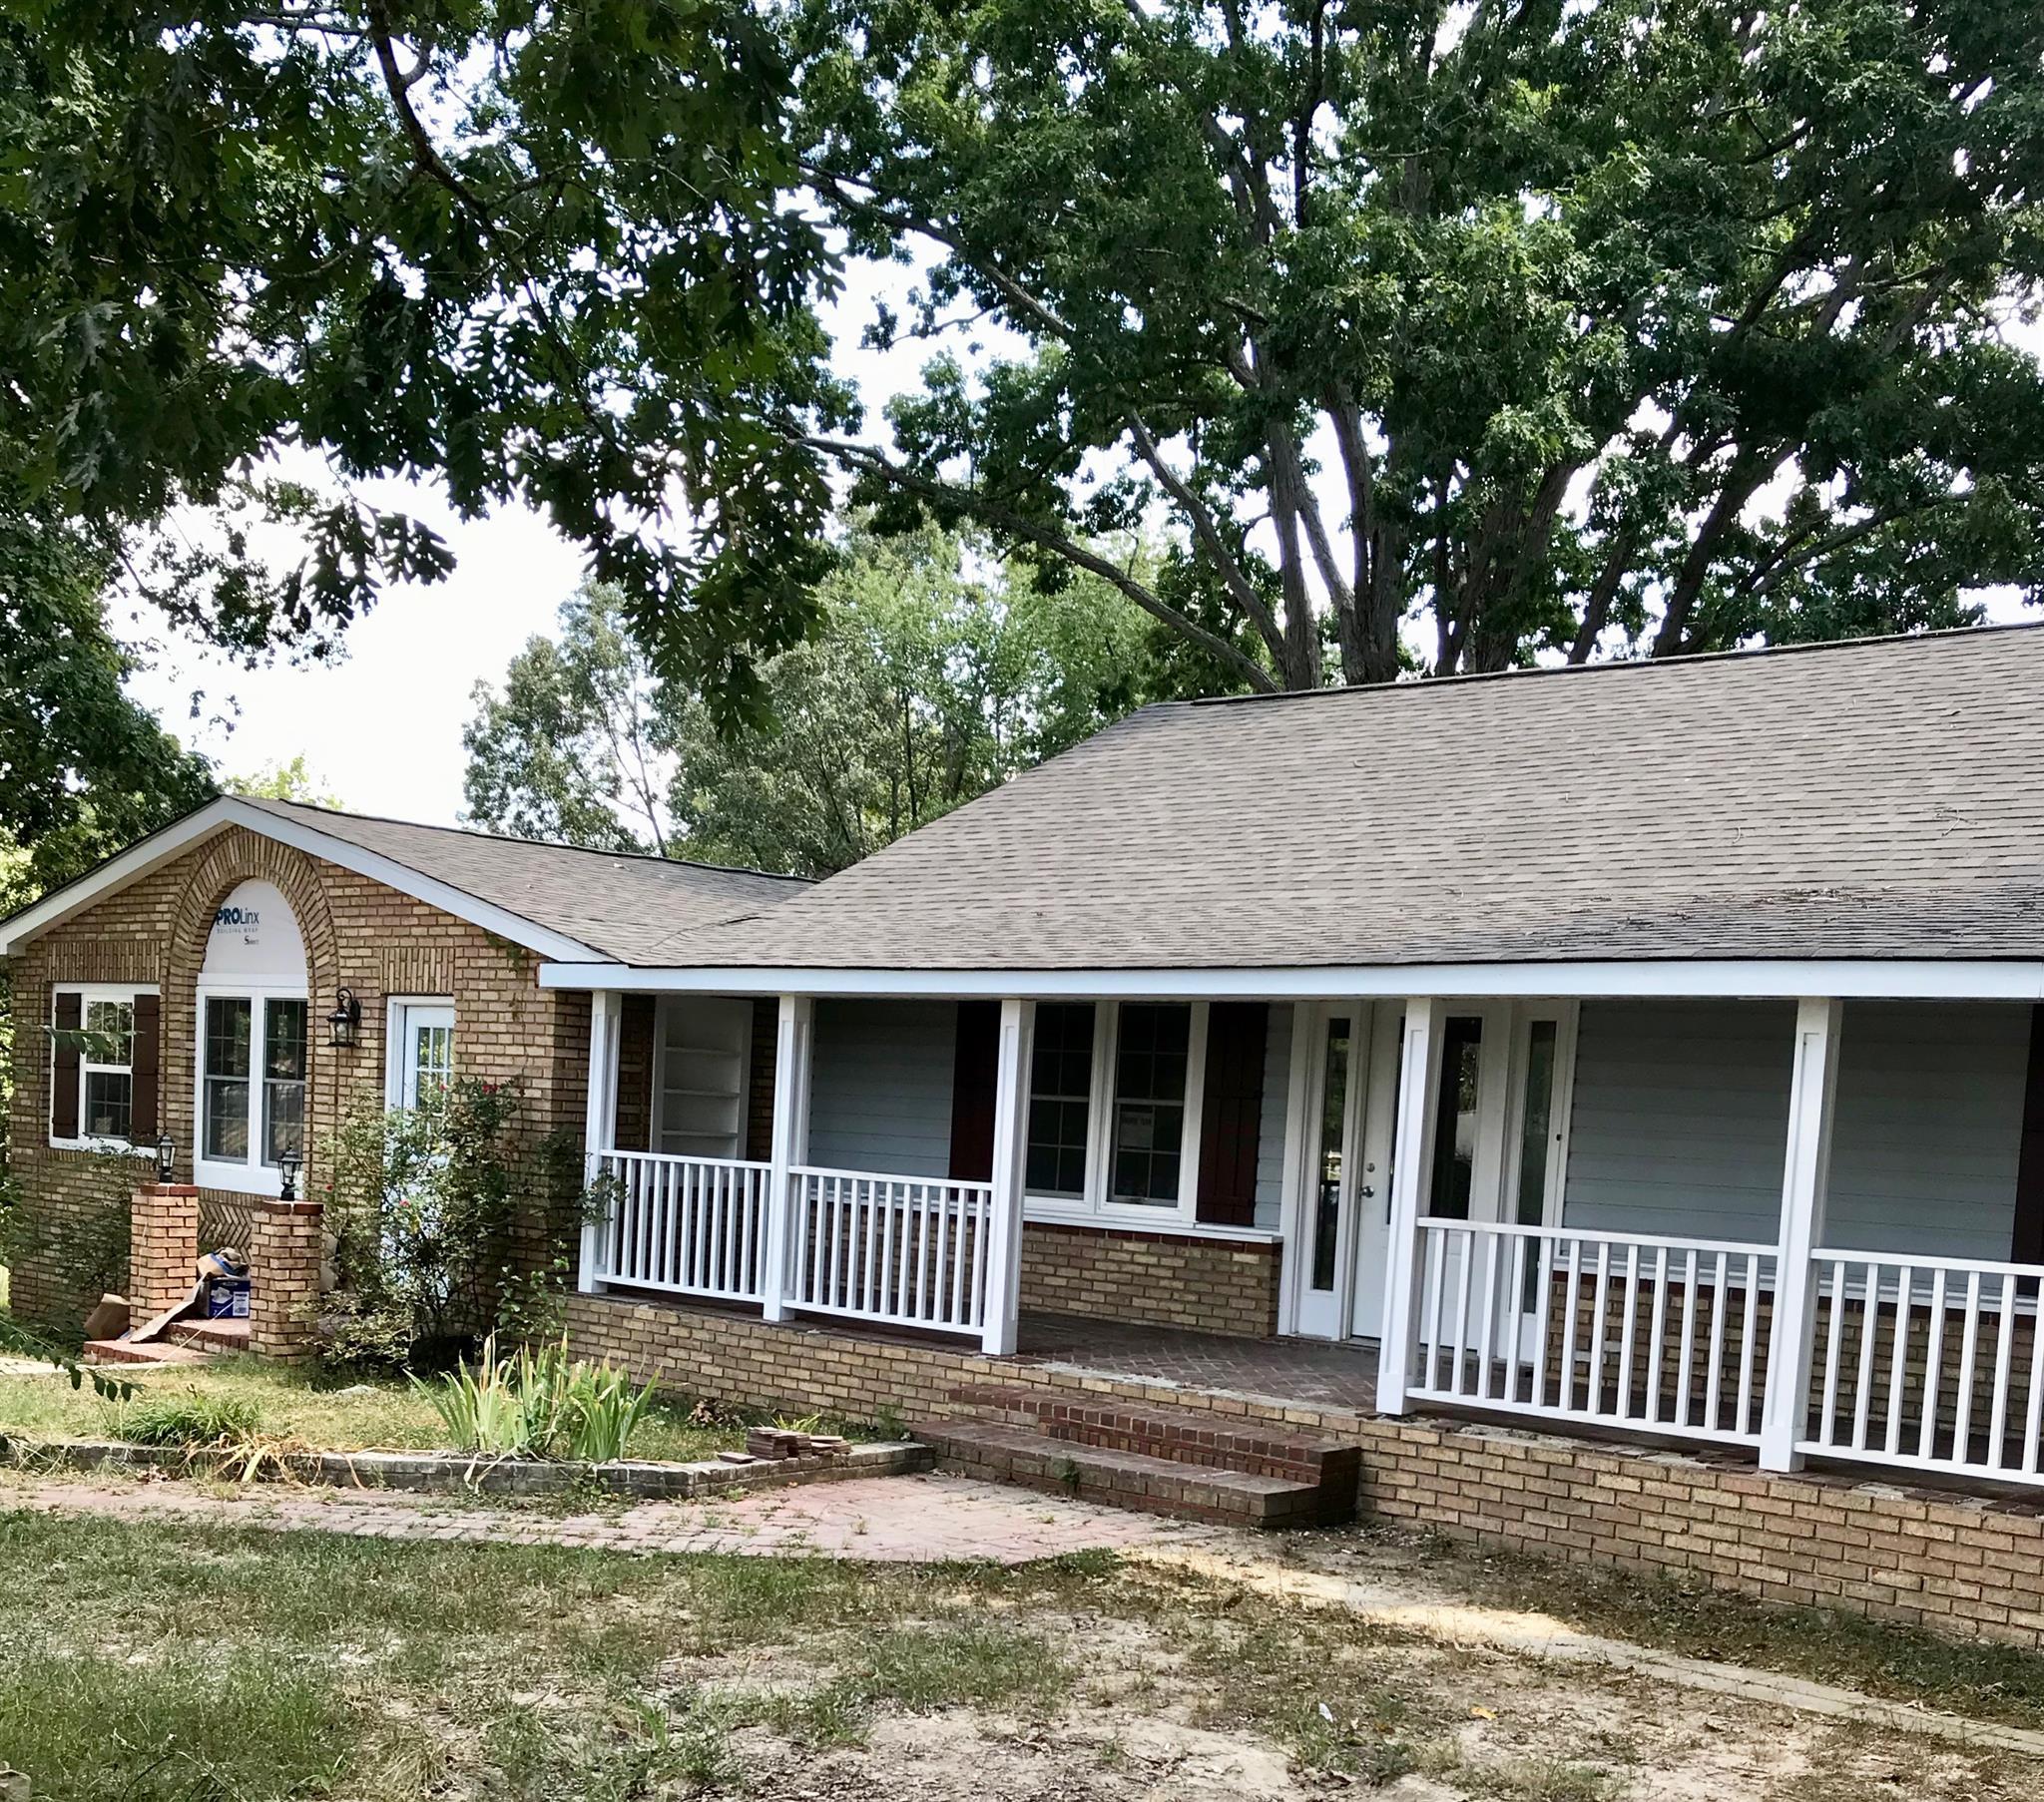 2718 Ridge Dr, Nunnelly, TN 37137 - Nunnelly, TN real estate listing